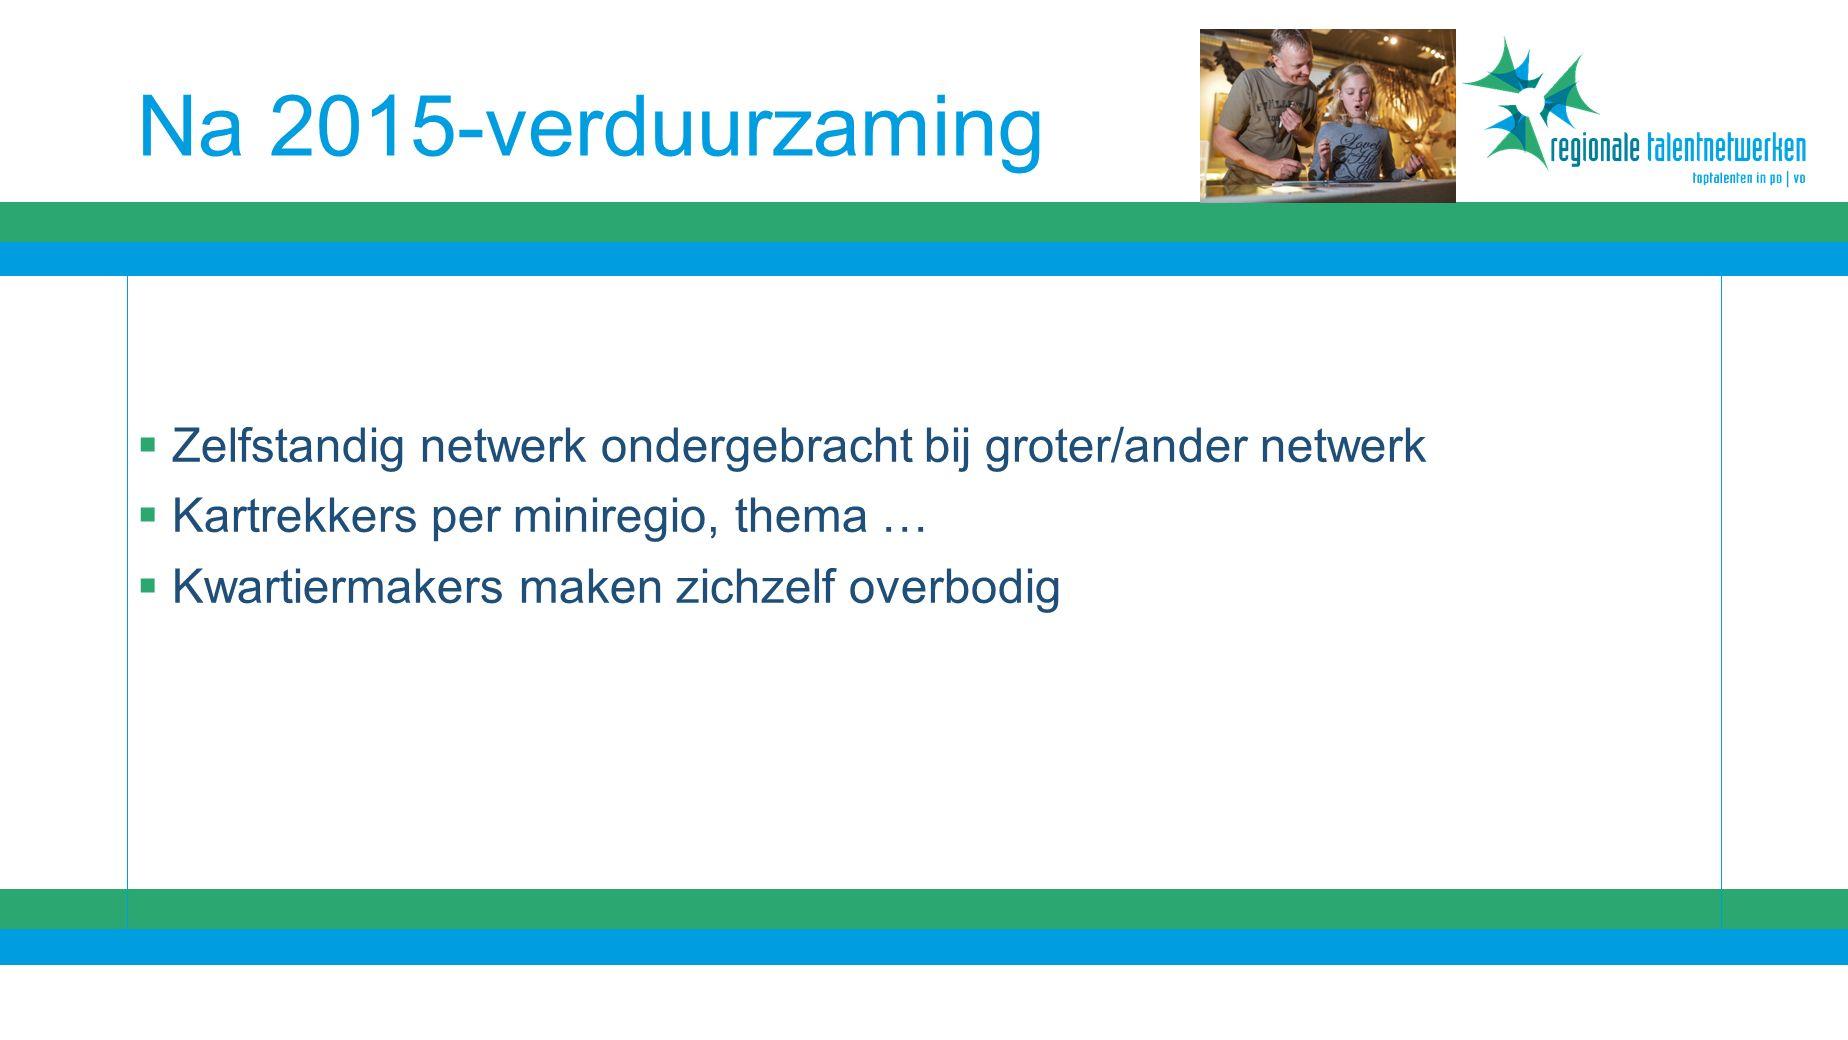 Na 2015-verduurzaming  Zelfstandig netwerk ondergebracht bij groter/ander netwerk  Kartrekkers per miniregio, thema …  Kwartiermakers maken zichzelf overbodig